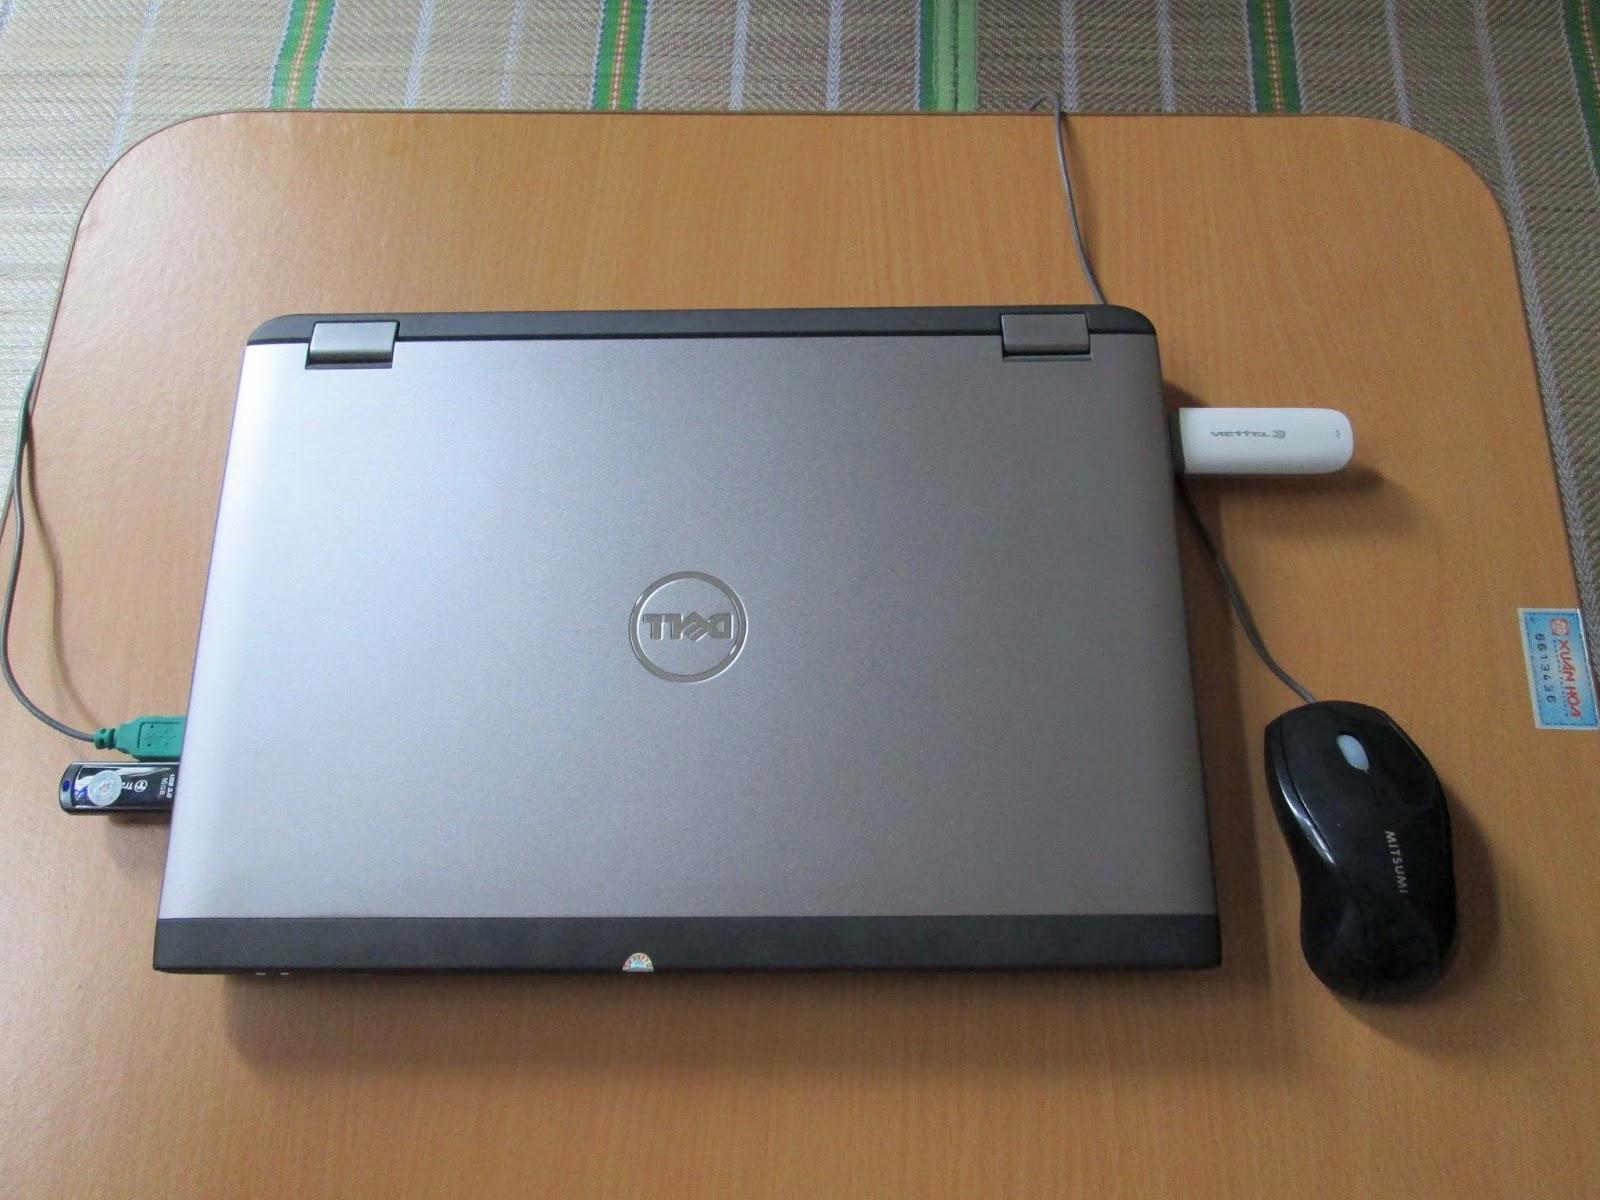 Laptop cũ DELL,HP, SONY, ASUS, MACBOOK     nguyên bản,giá rẻ